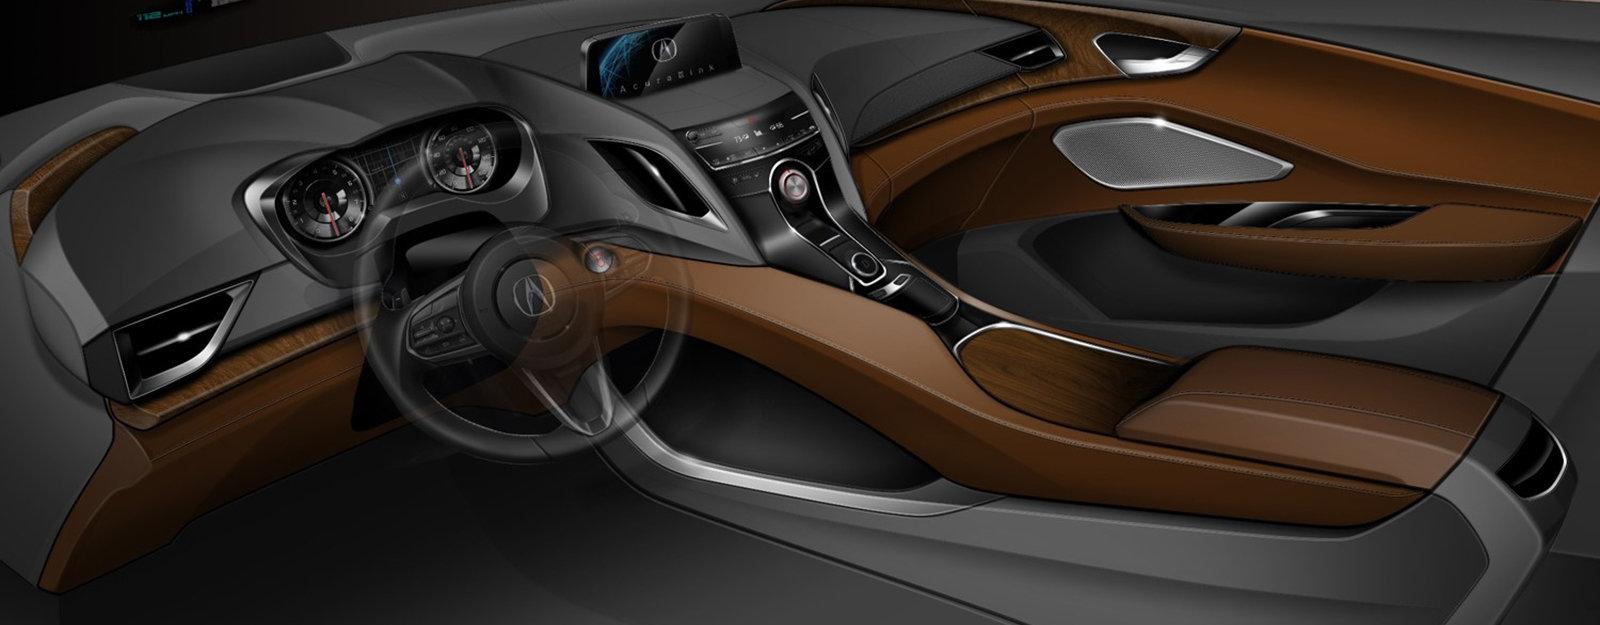 Car Interior Design: A Look At Six Car Design Specialties, Part 5: The Interior